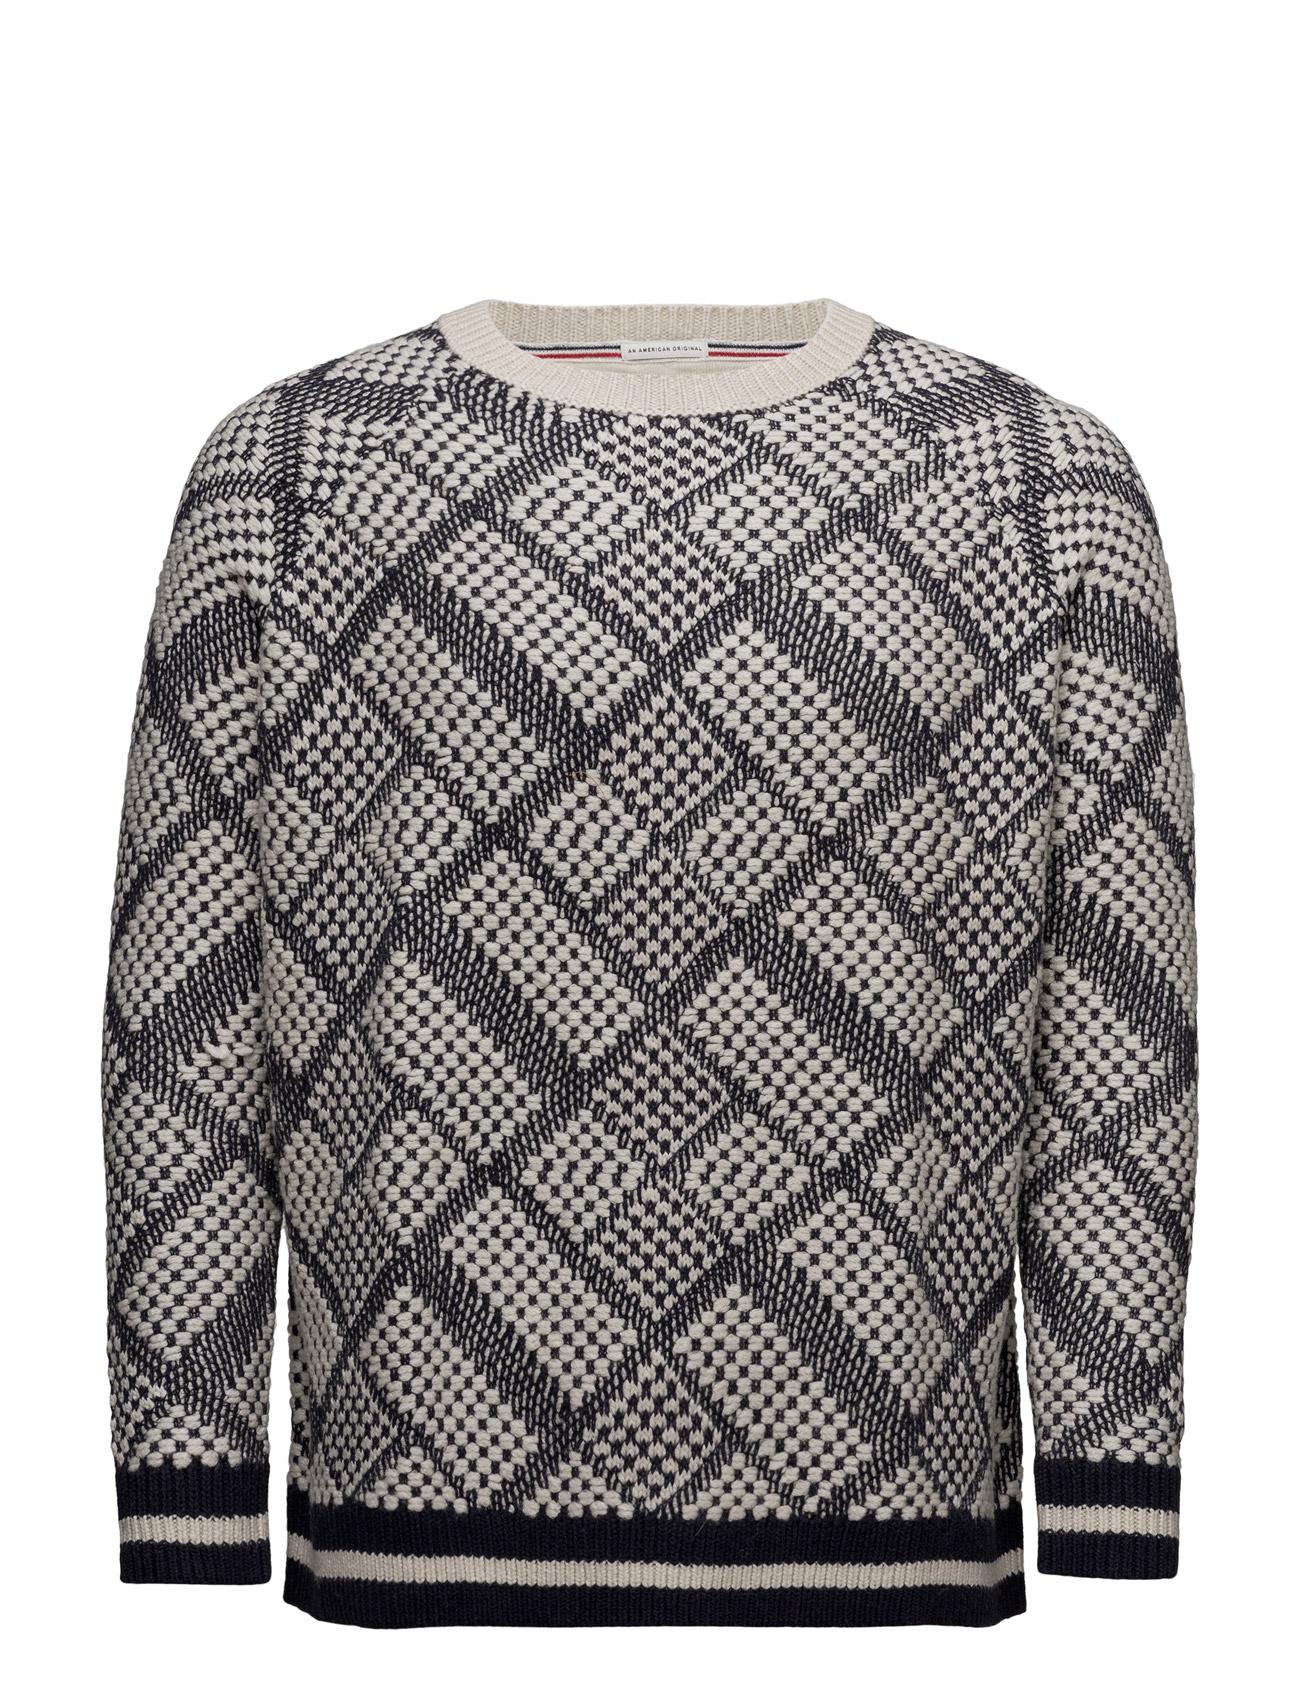 f5112b02e65 Shop Thdw Cn Sweater L/S 23 Hilfiger Denim Striktøj i hvid til Unisex på en  webshop